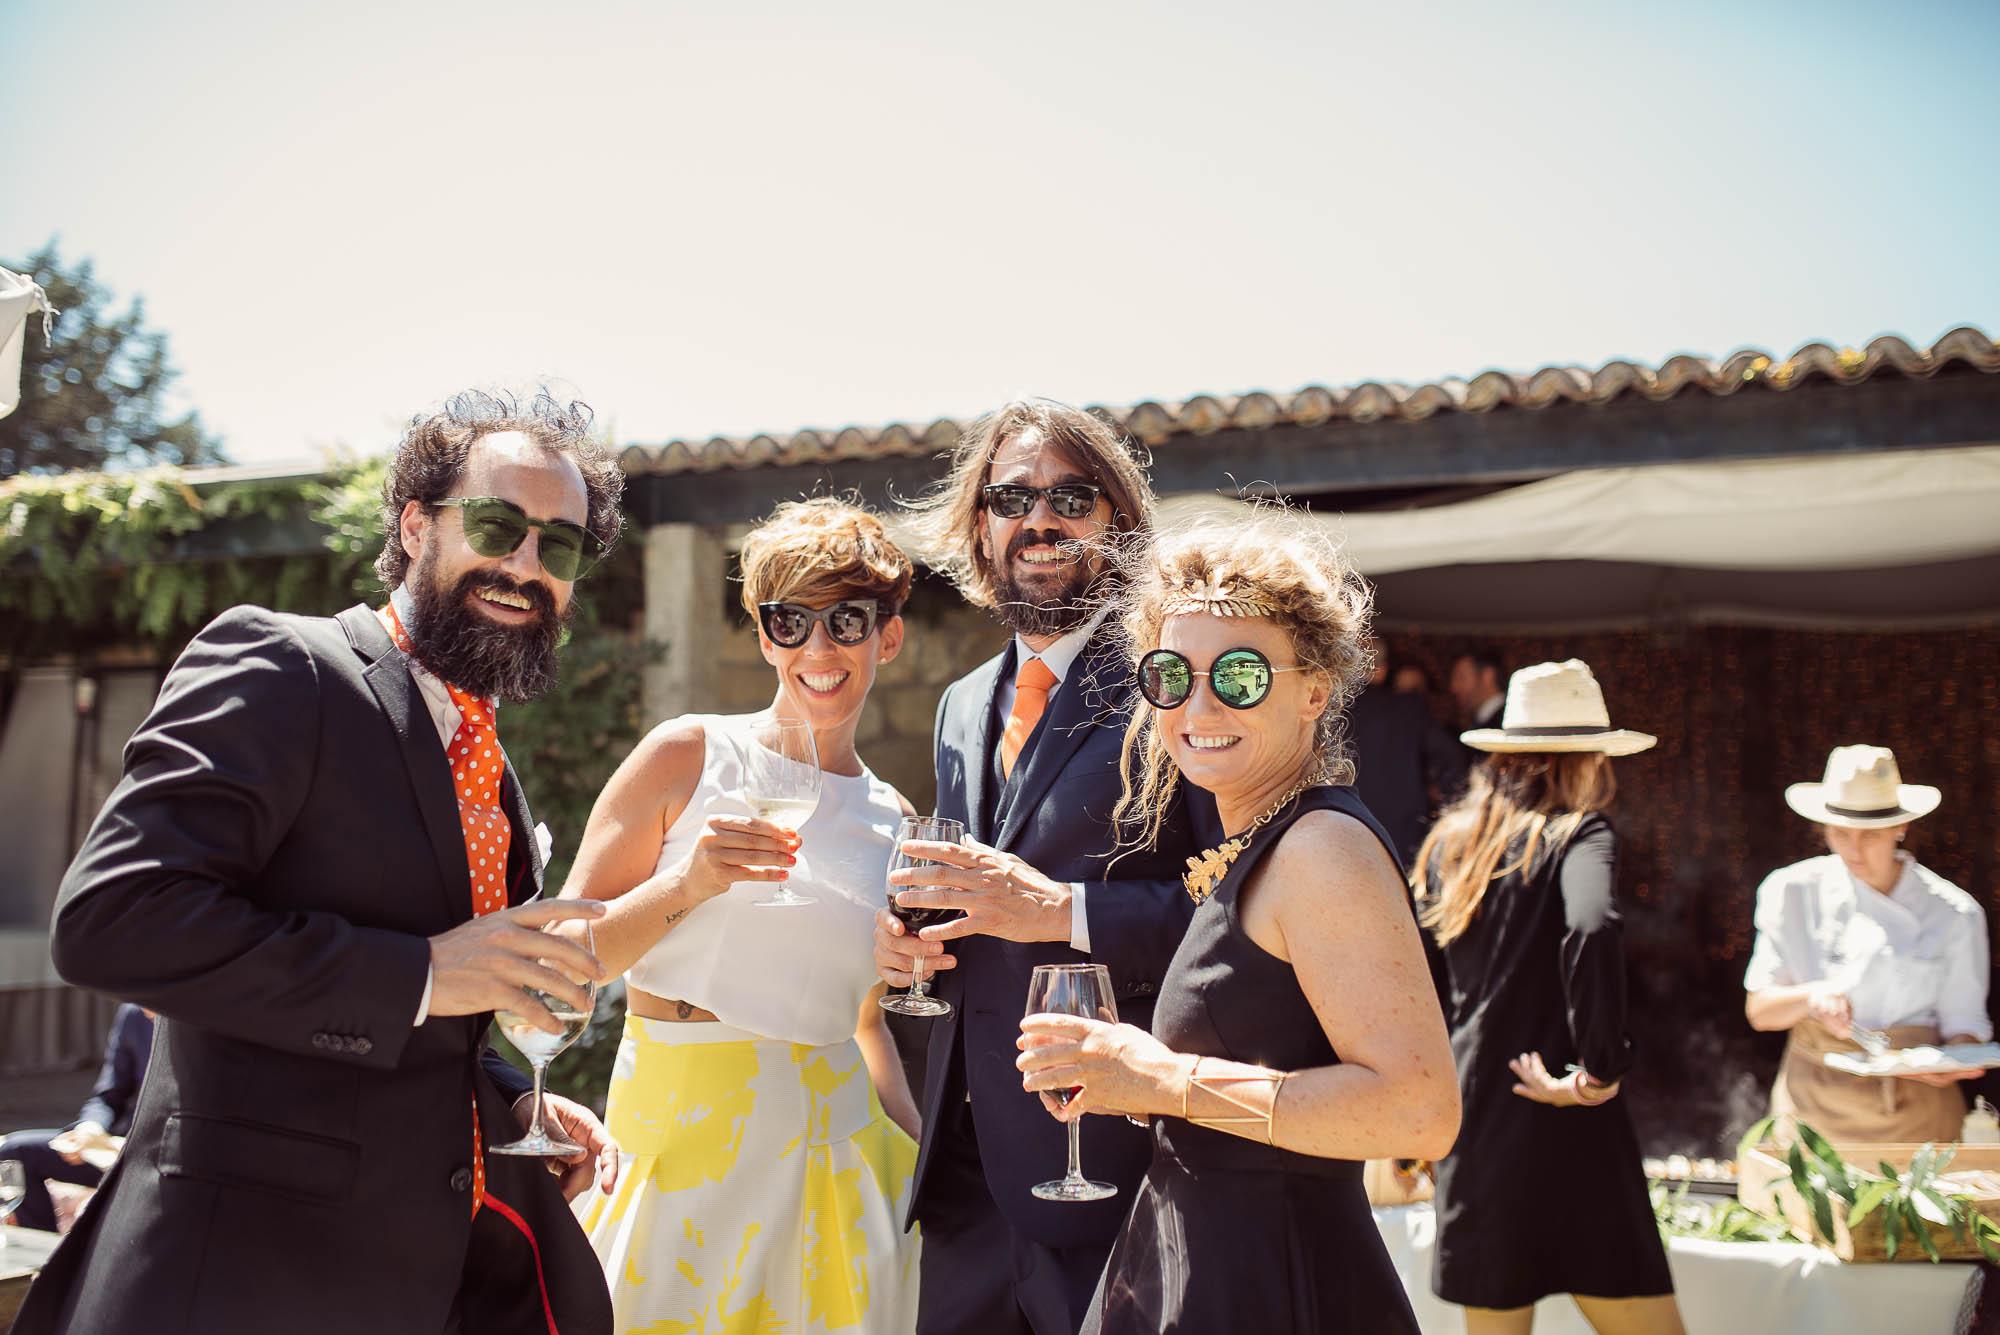 Invitados de la boda sonriendo para una foto mientras sostienen unas copas